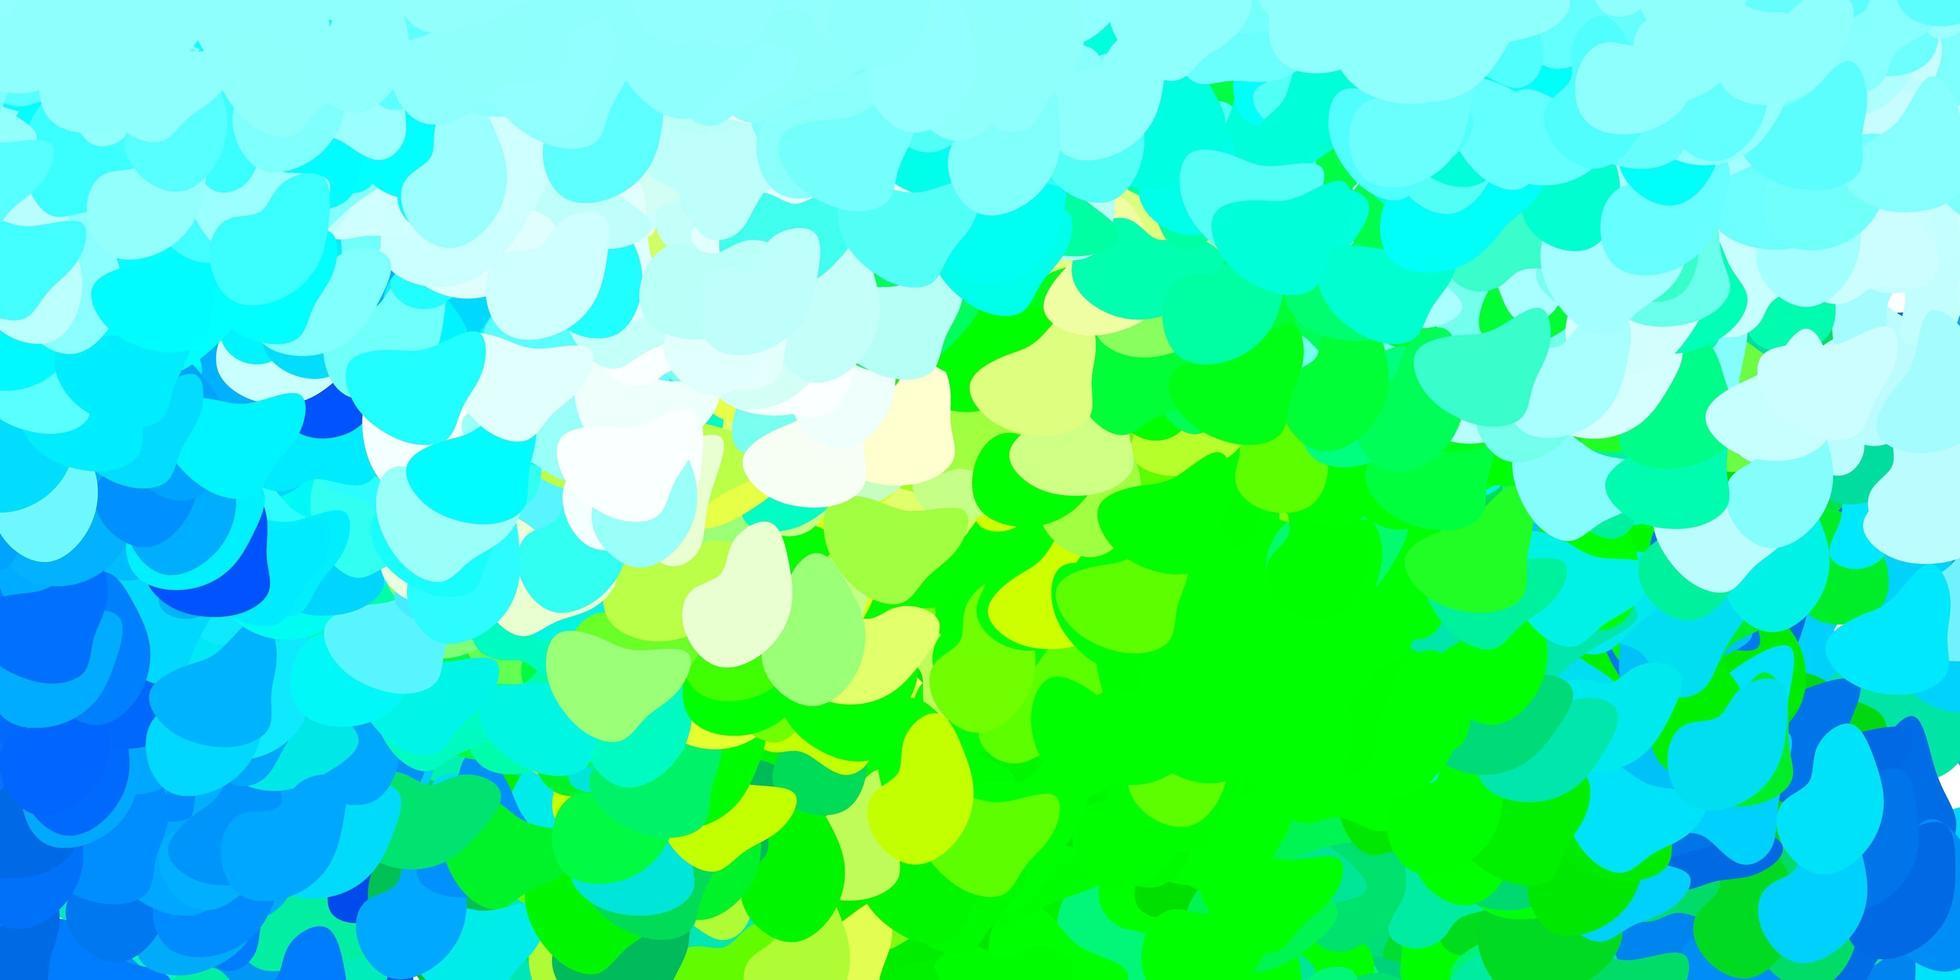 modello azzurro, verde con forme astratte. vettore